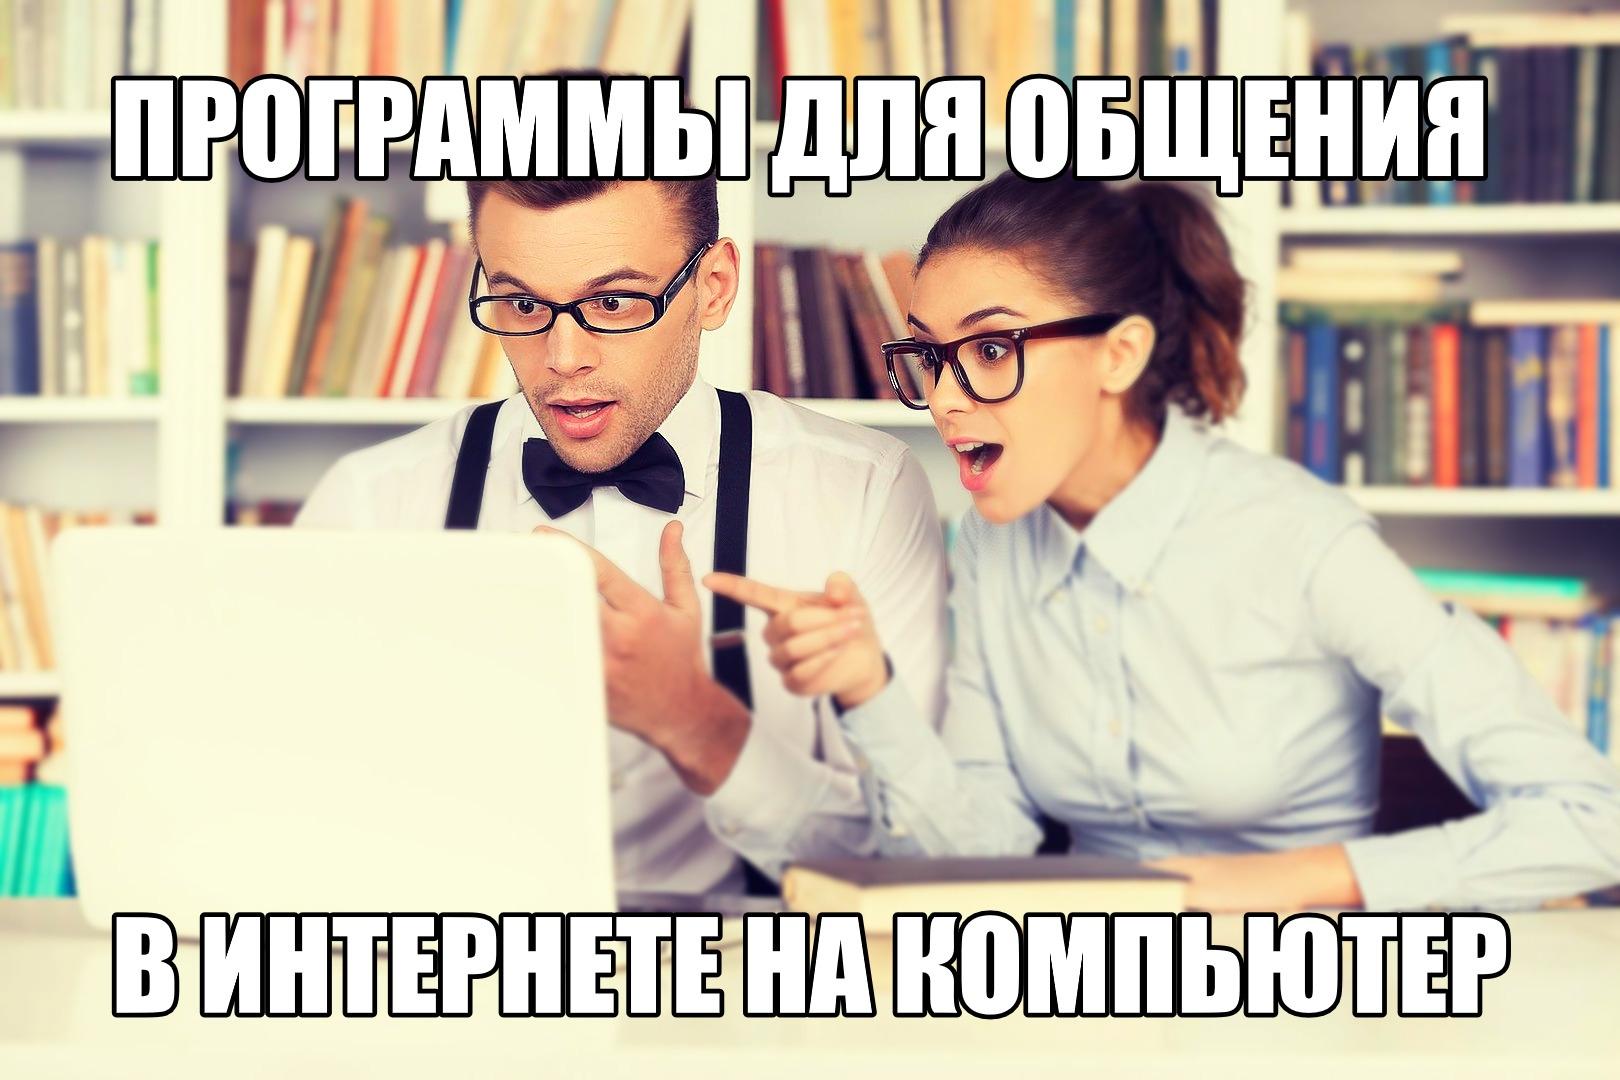 Обзор программ для общения в интернете на компьютер